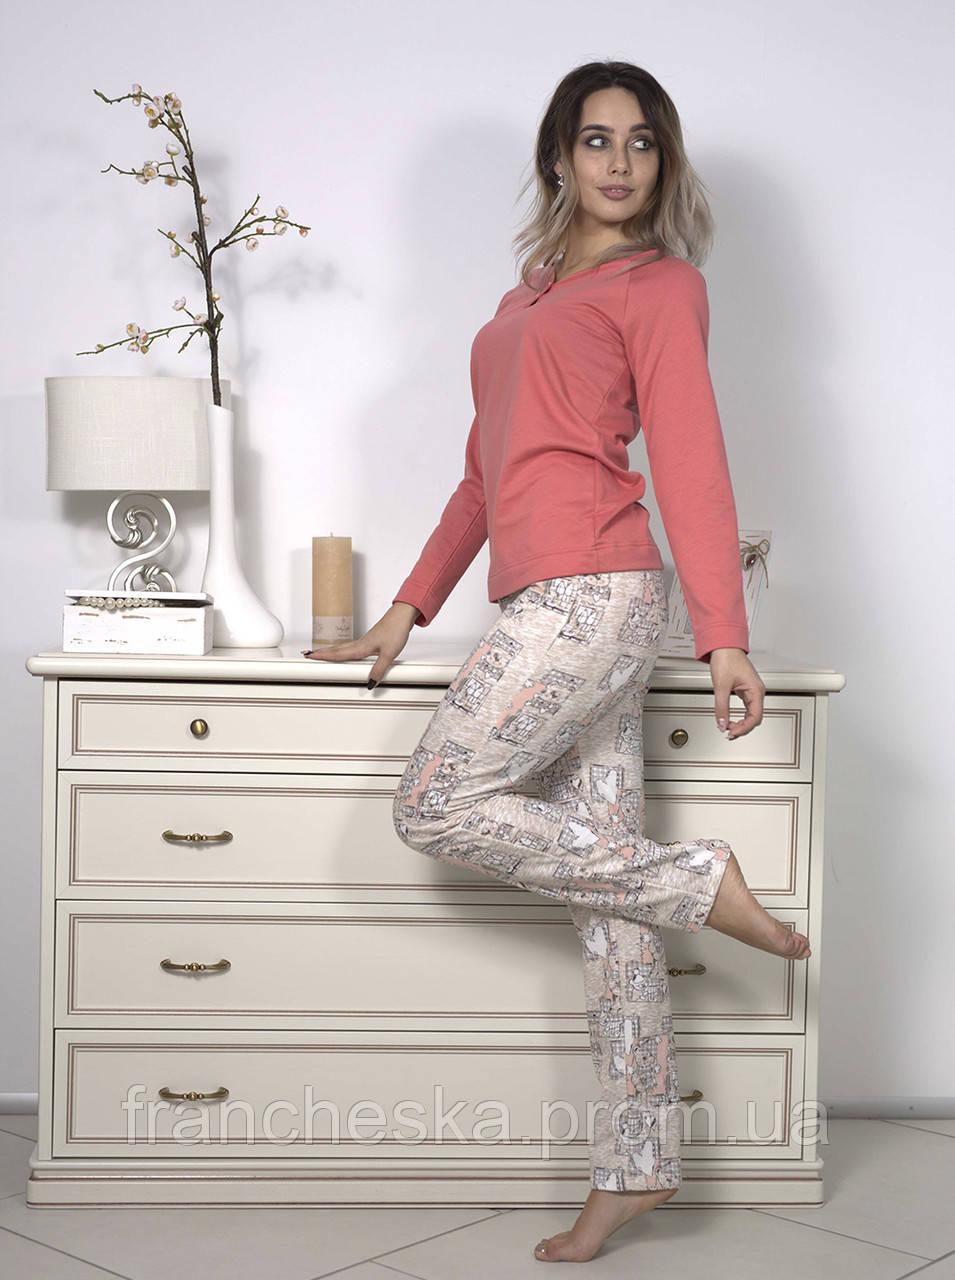 2fbac9f37214 Женская теплая пижама из коллекции